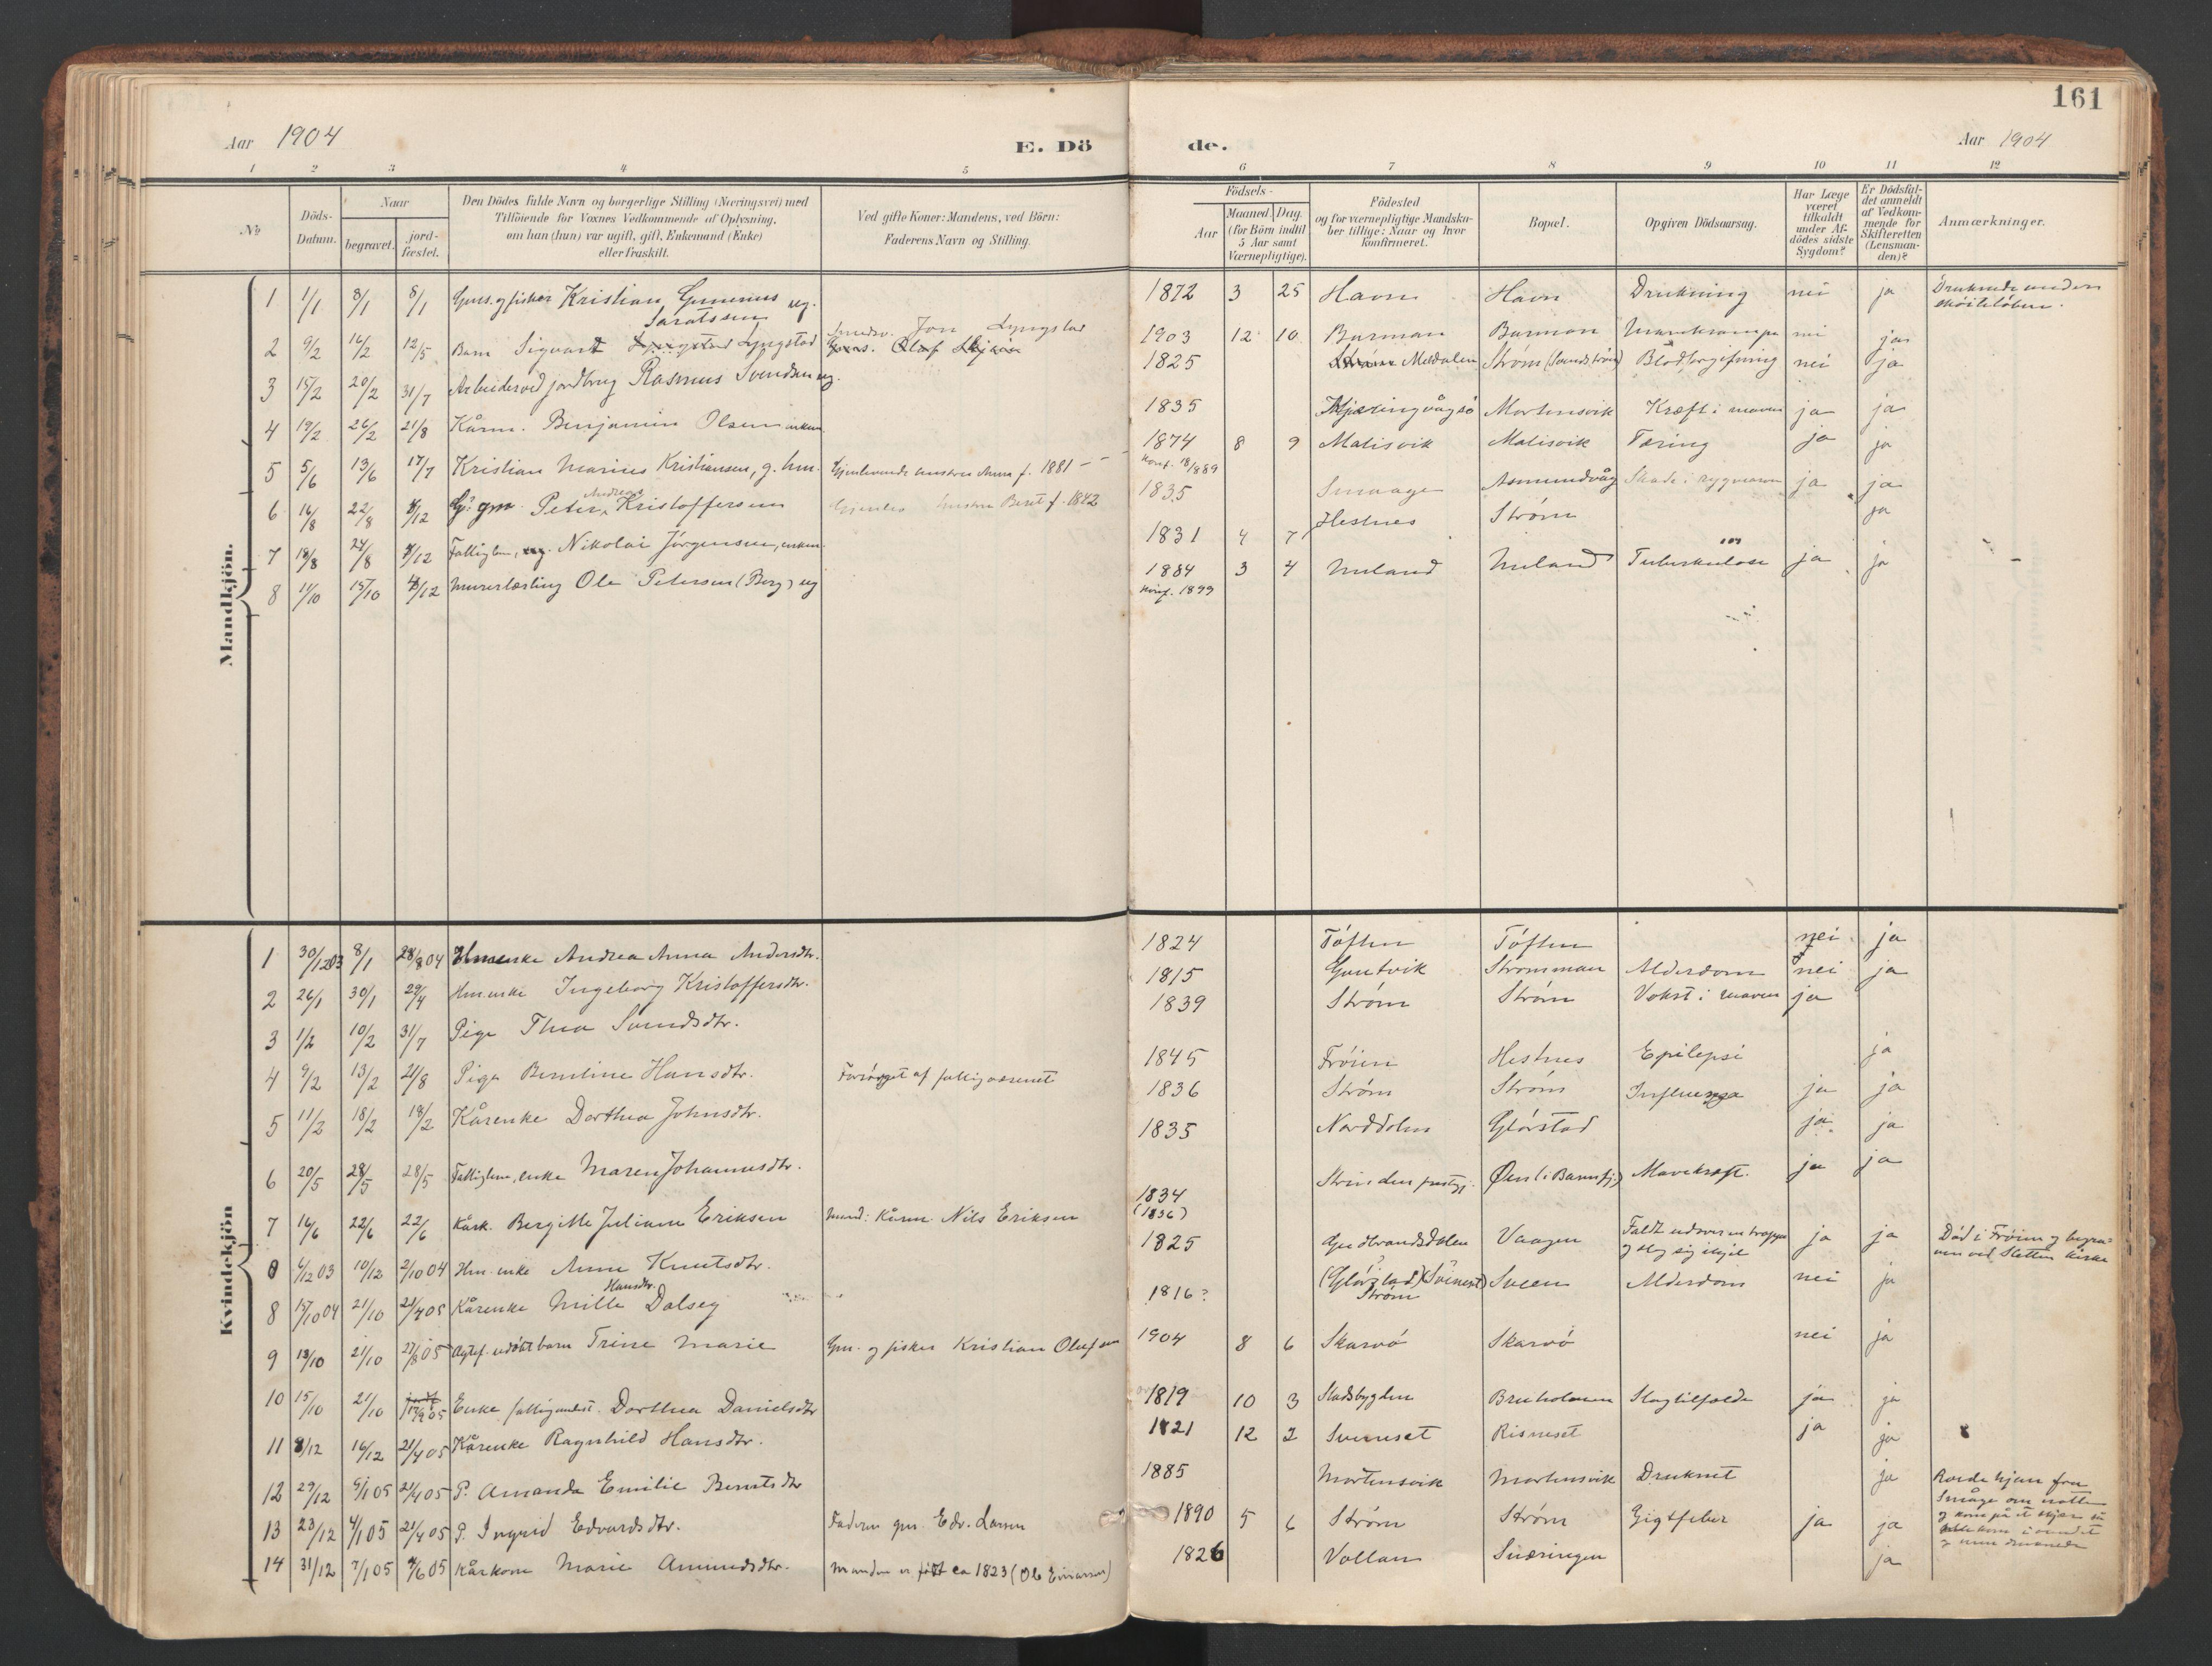 SAT, Ministerialprotokoller, klokkerbøker og fødselsregistre - Sør-Trøndelag, 634/L0537: Ministerialbok nr. 634A13, 1896-1922, s. 161